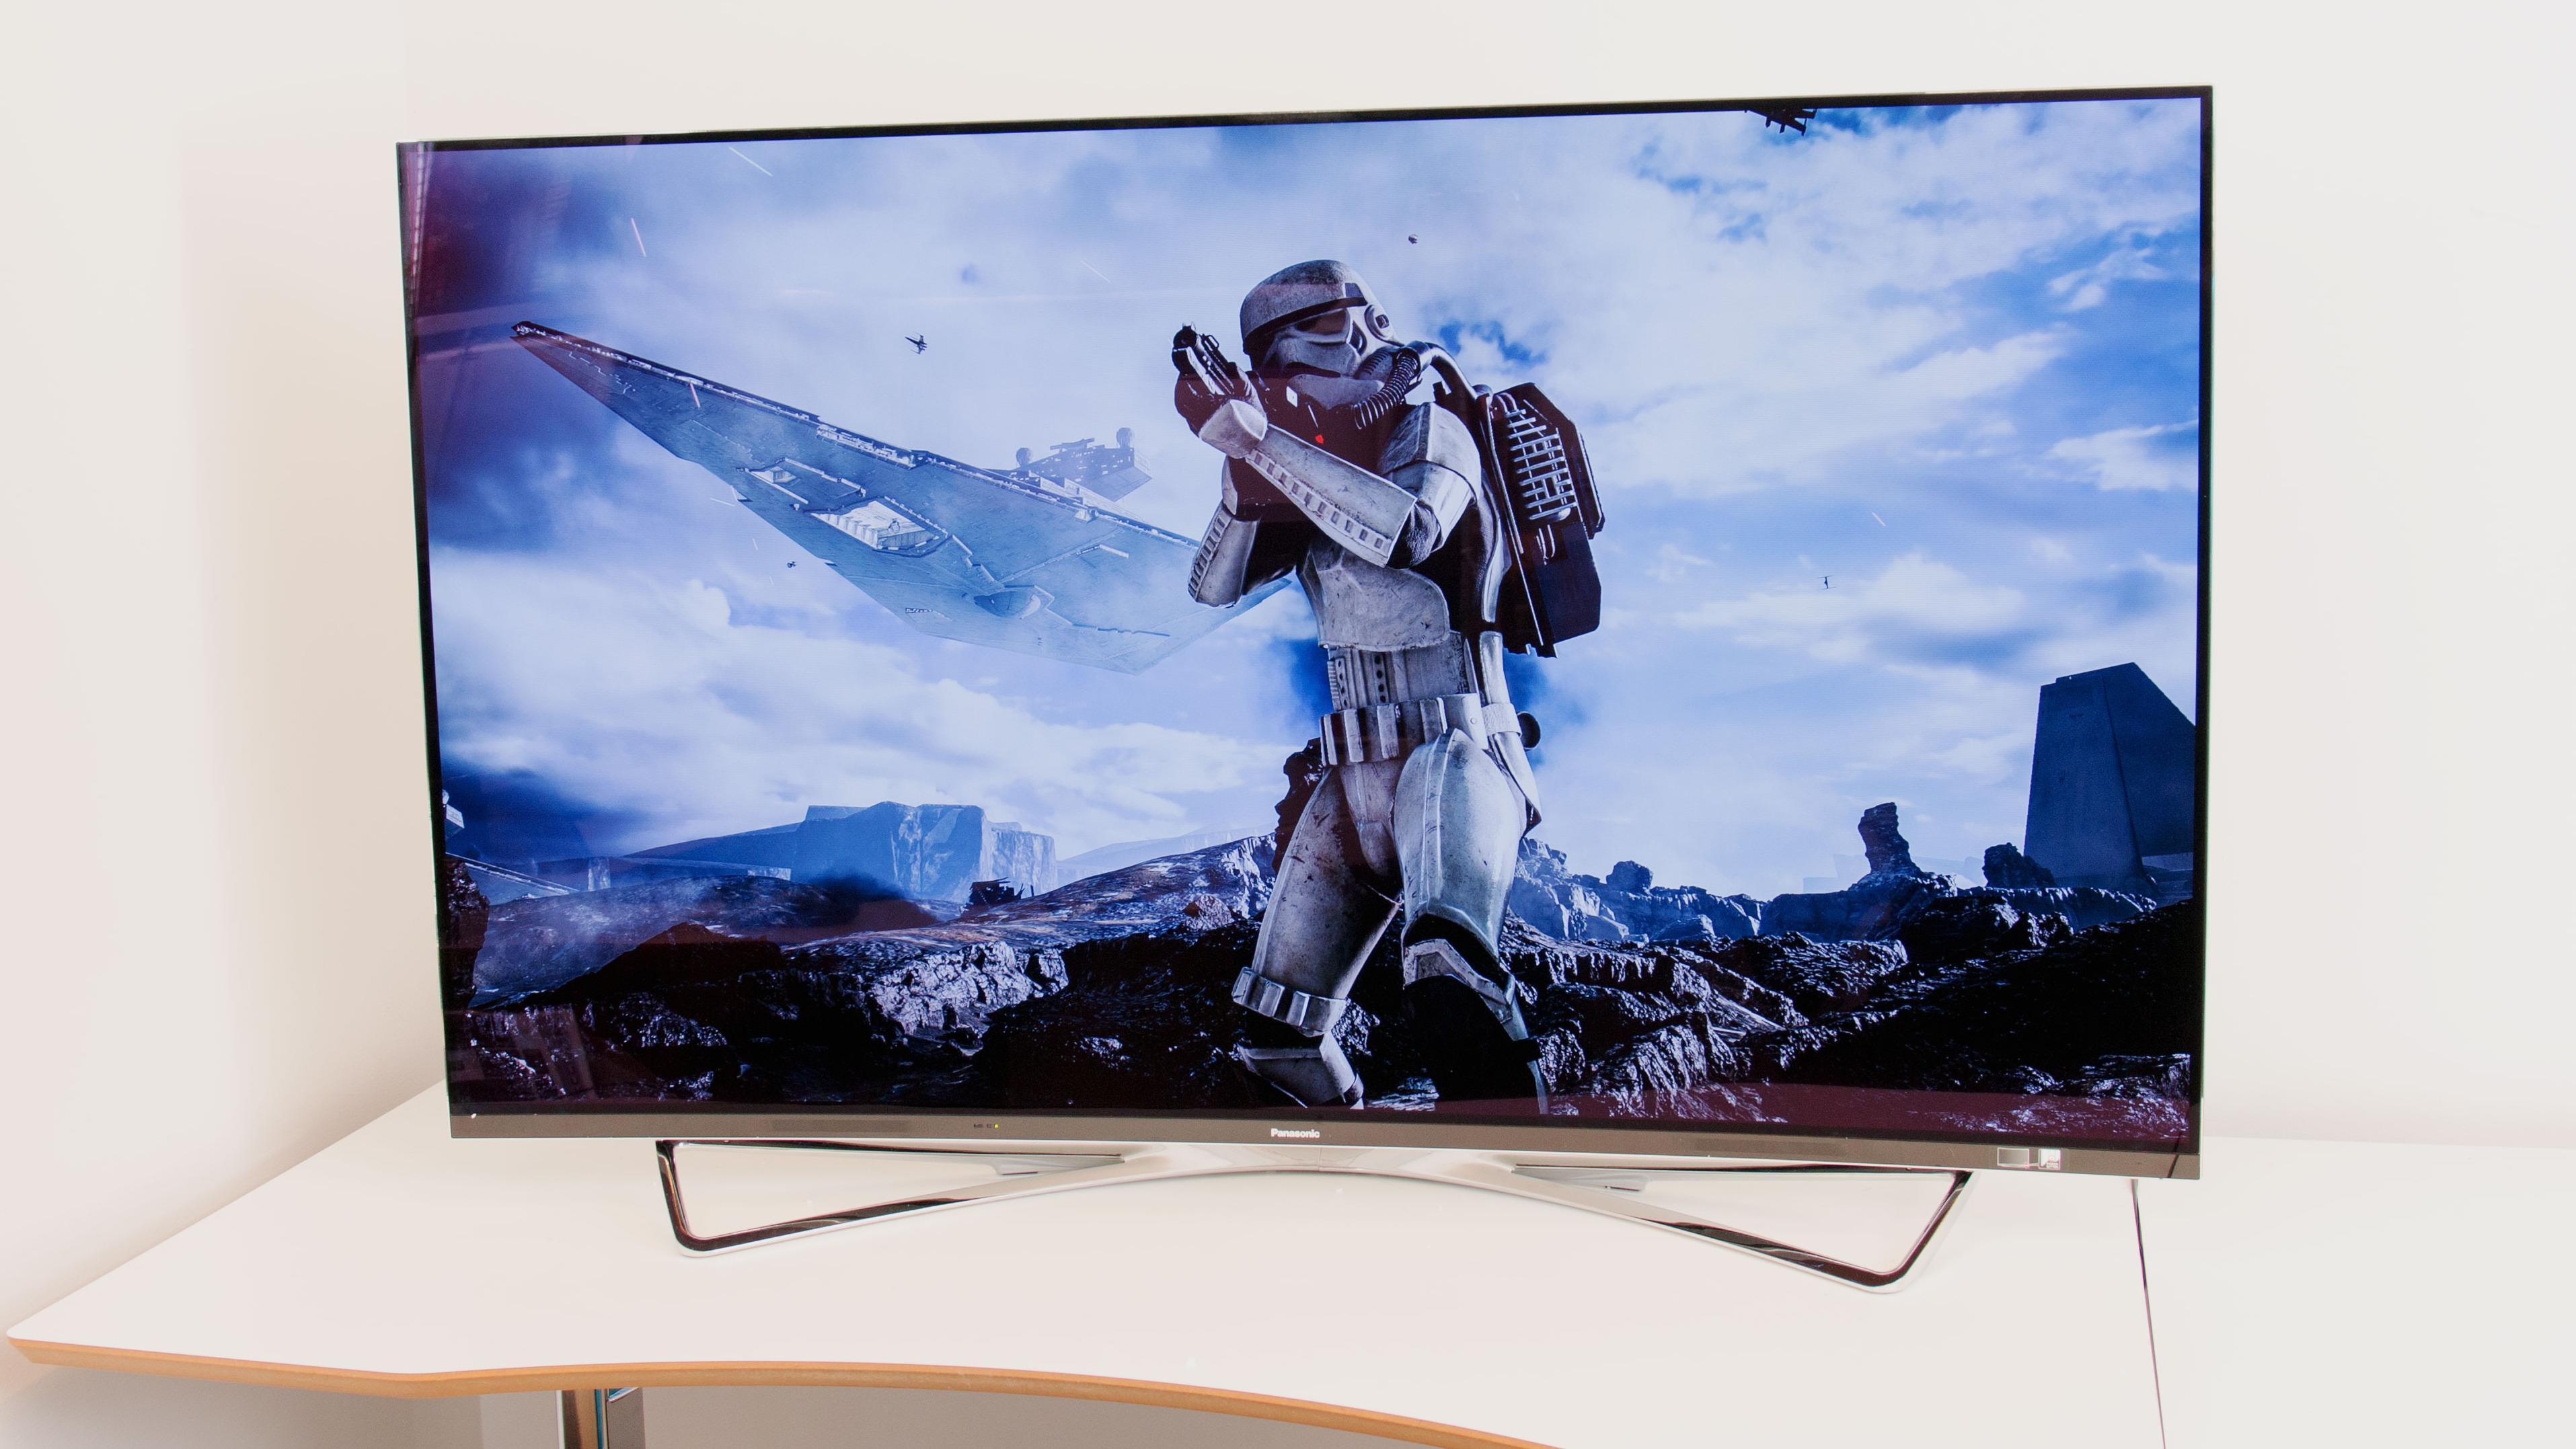 Panasonic lanserte sin første OLED-skjerm i 2015. Vi tror prisene på OLED vil falle i 2016.